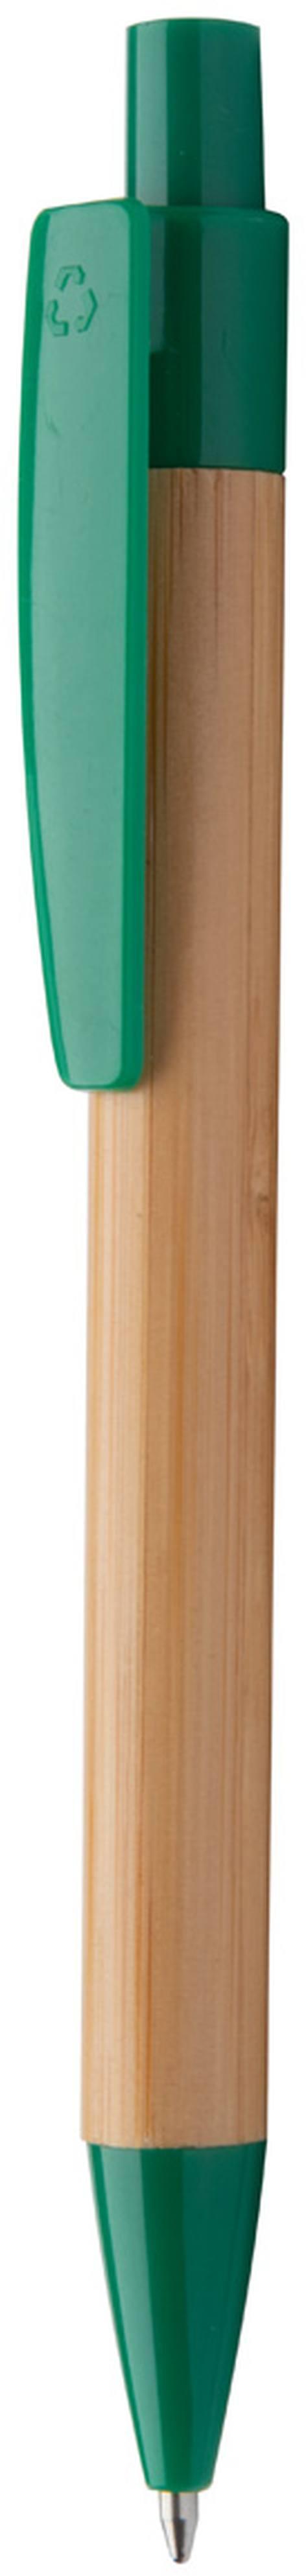 Colothic bambusové kuličkové pero